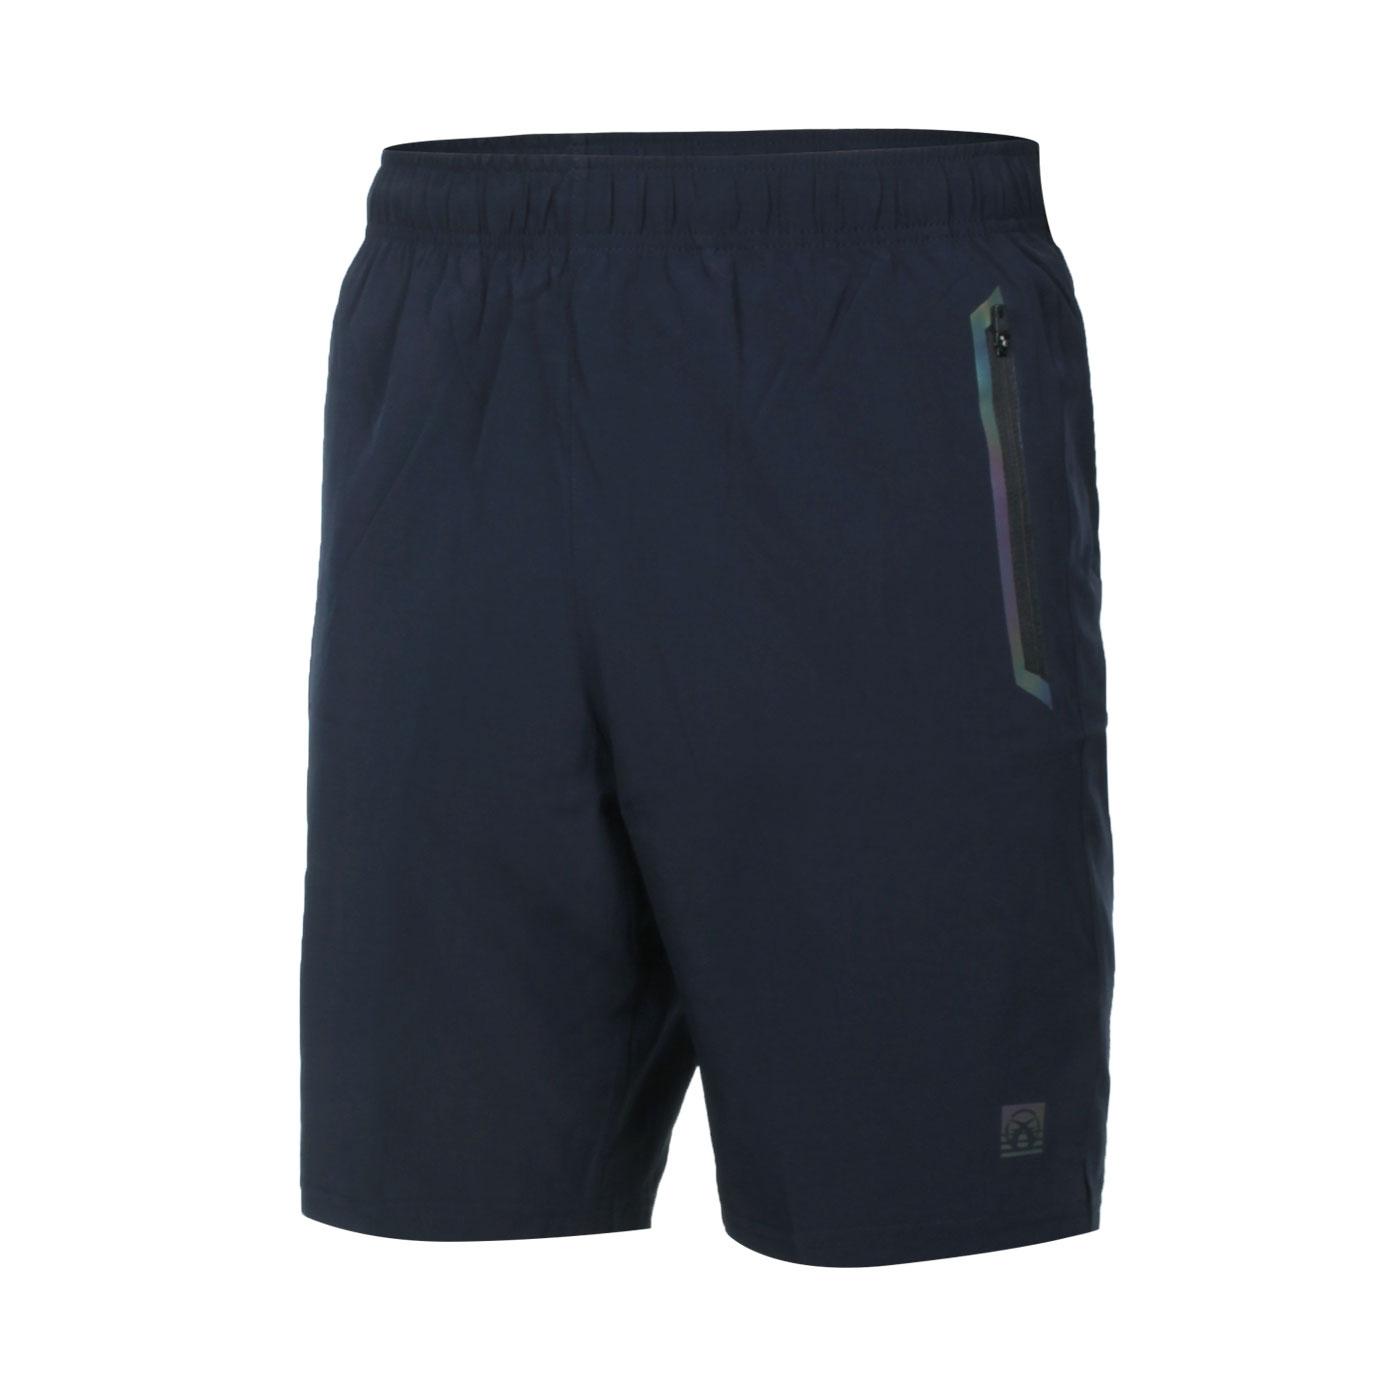 FIRESTAR 男款彈性平織短褲 C1717-93 - 丈青紫綠